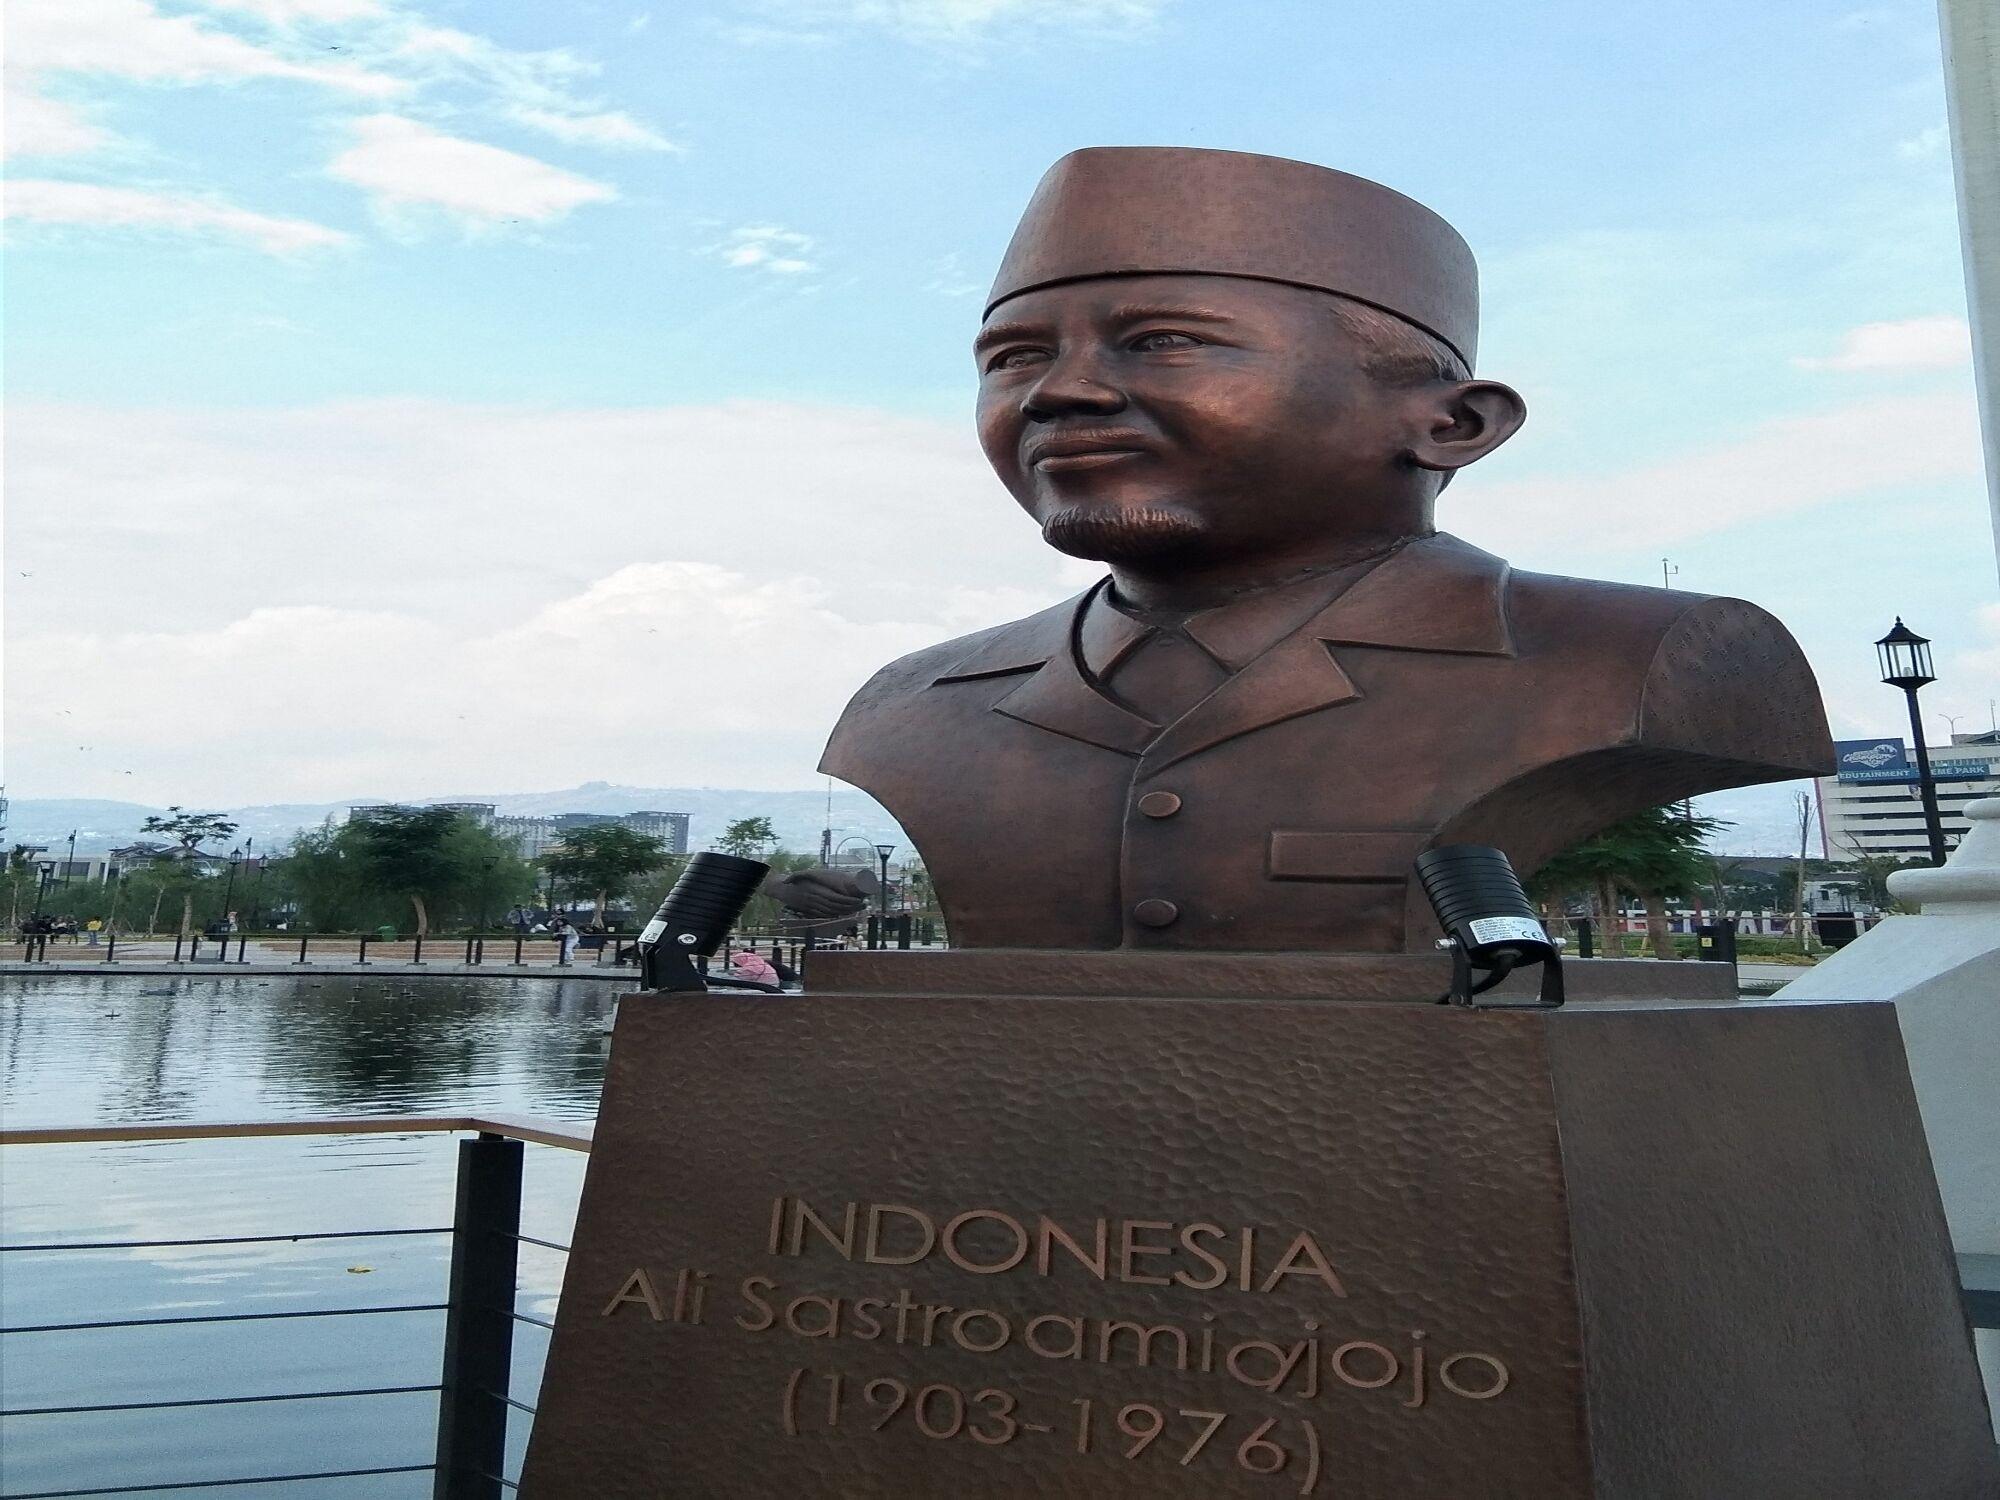 Salah satu patung yang ada di Taman Asia Afrika